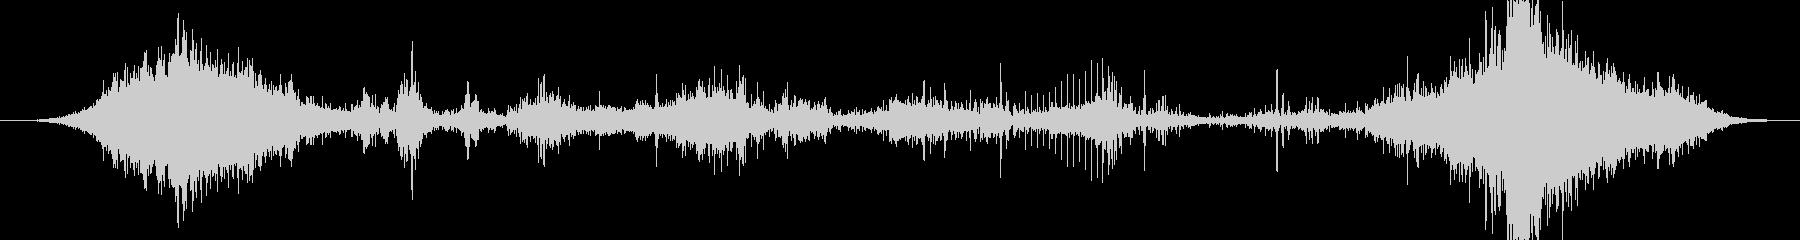 トランジション プロモーションパッド29の未再生の波形